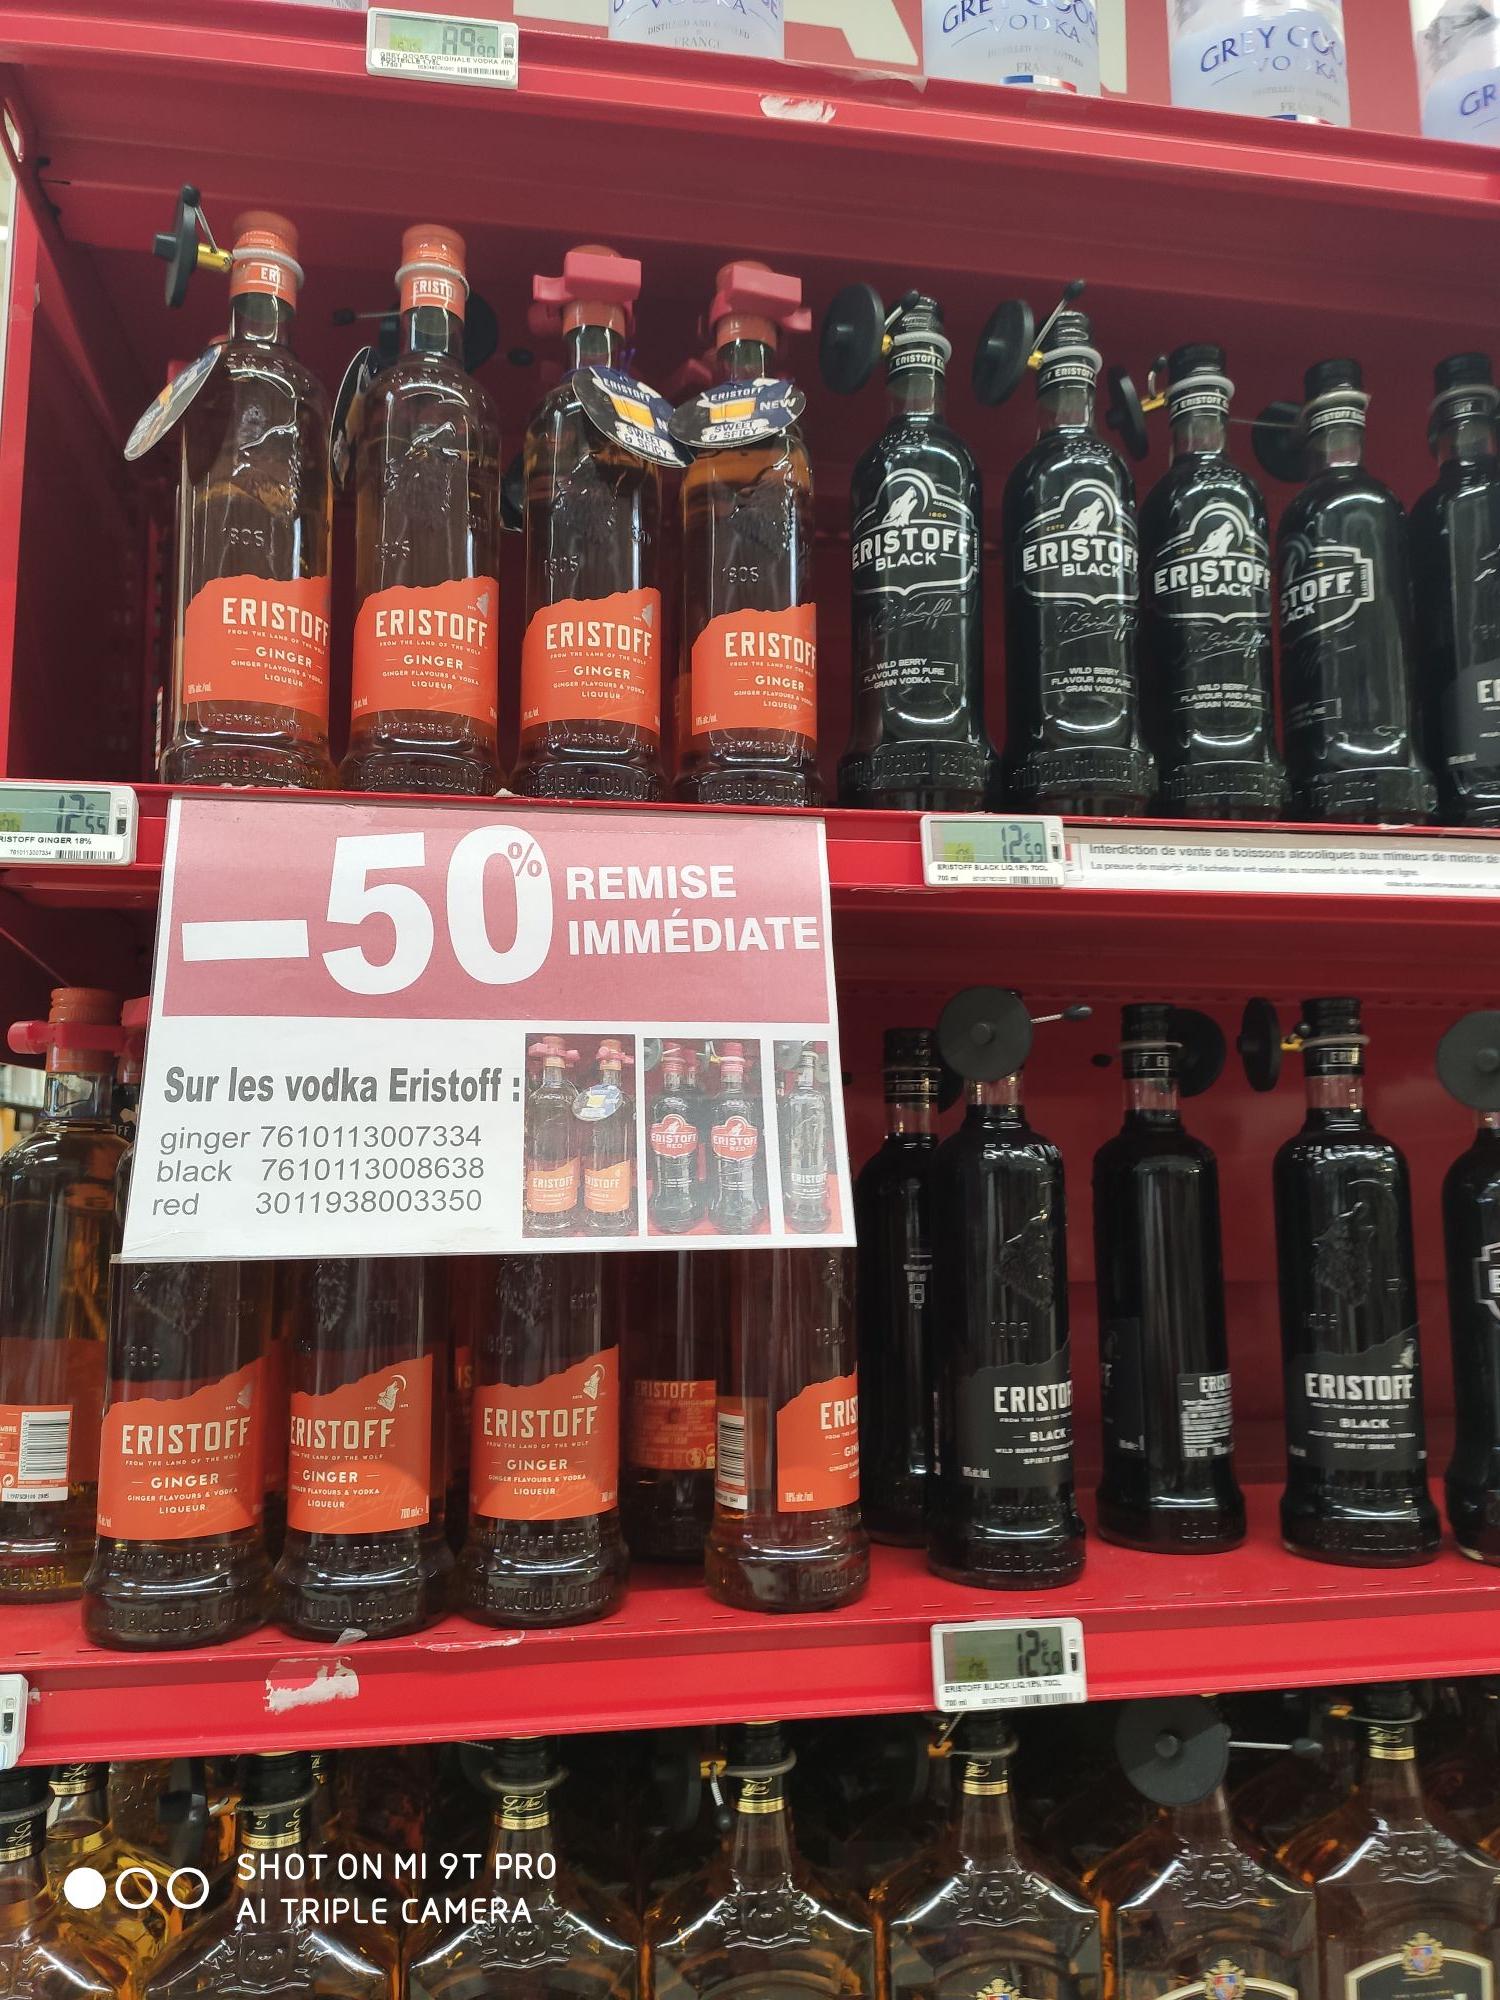 50% de réduction immédiate sur les Bouteilles de Vodka Eristoff - Ex : Eristoff Ginger (70 cl) - Montereau (77)